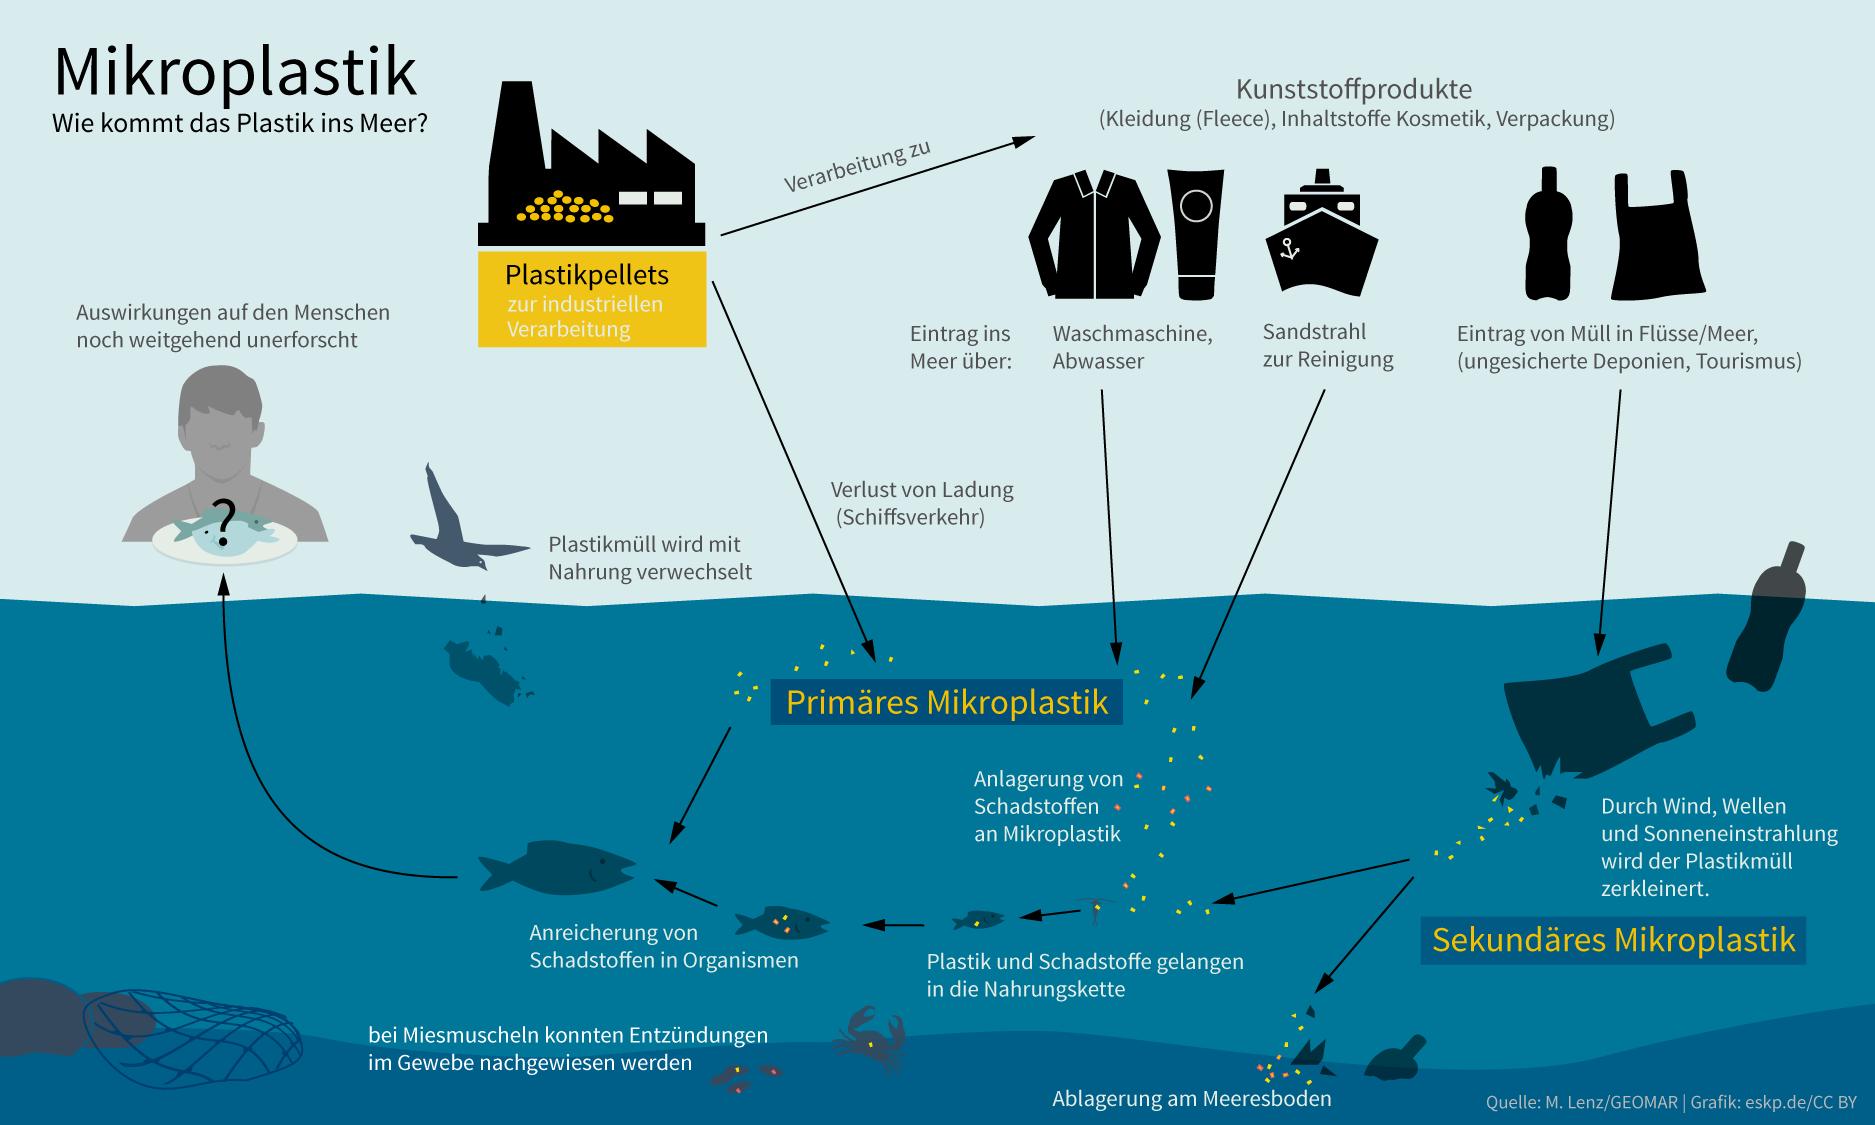 Mikroplastik-im-Meer-ESKP